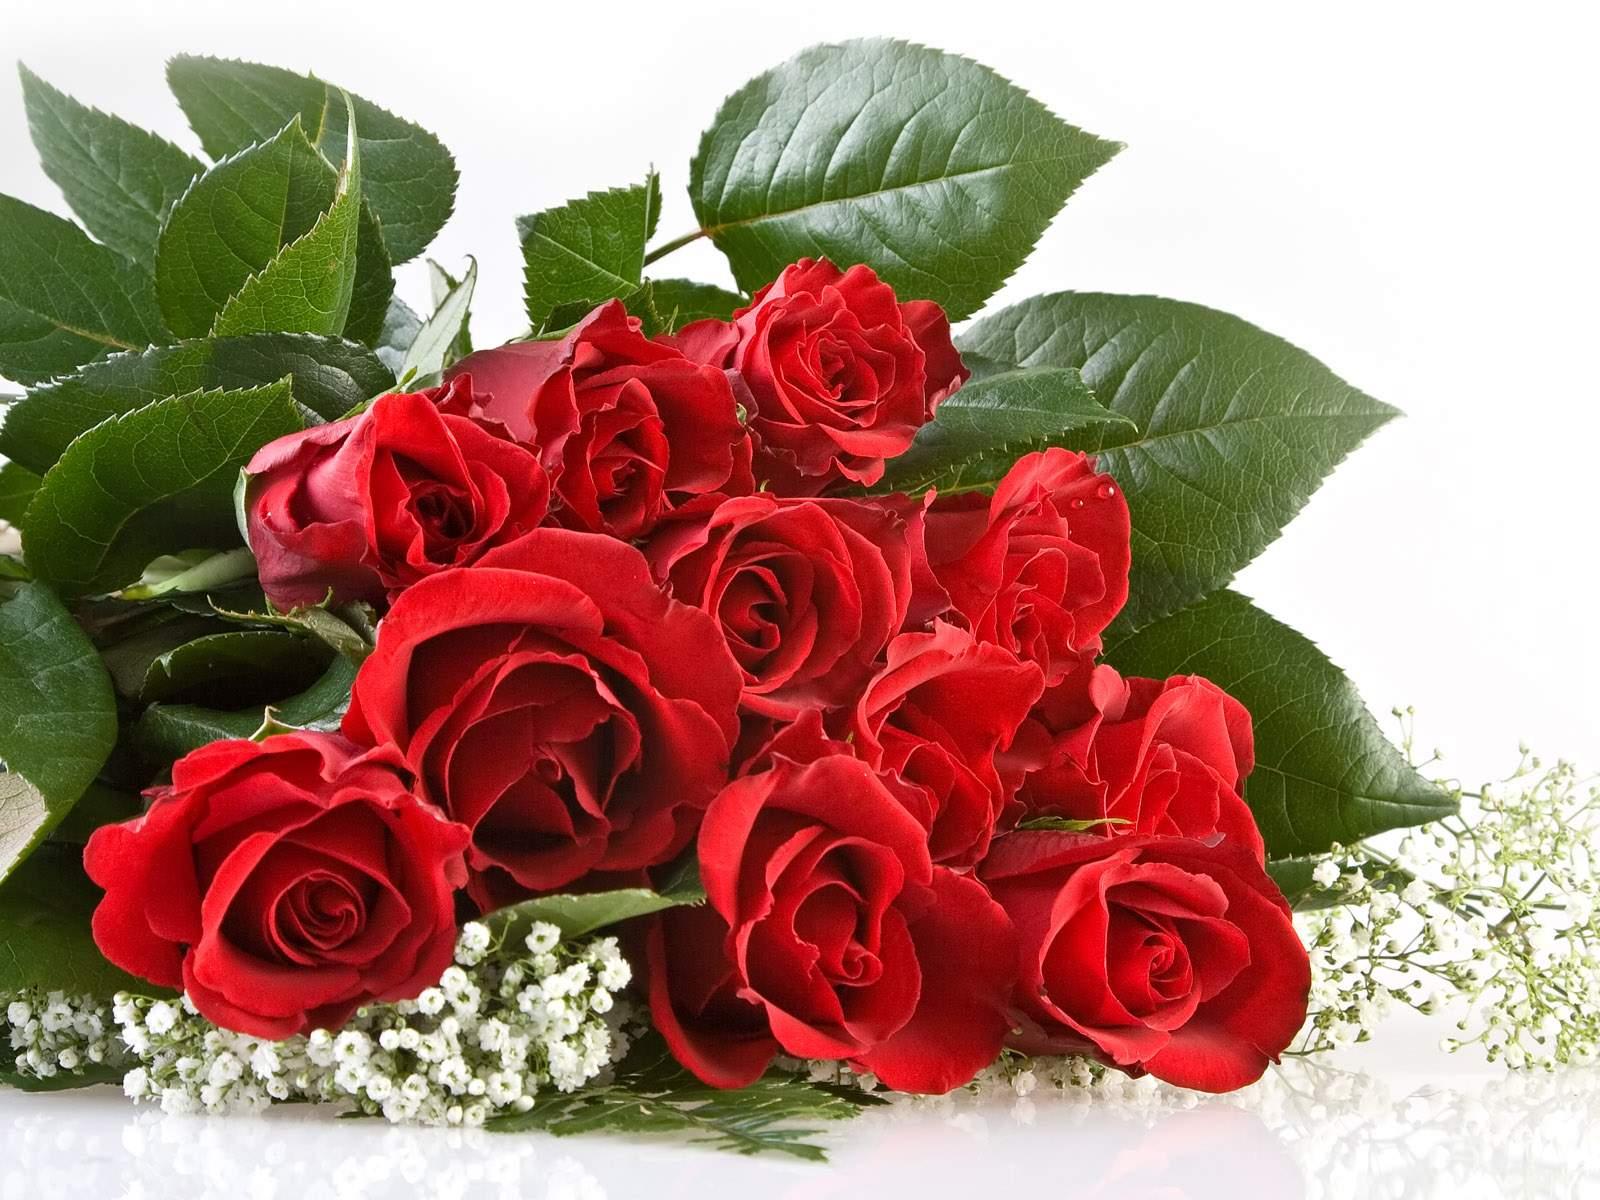 http://1.bp.blogspot.com/-sMDYbzOotQ0/TsX70IlvqyI/AAAAAAAAF74/Lwnp2nVRKIw/s1600/flowers+desktop+wallpapers.+%25282%2529.jpg